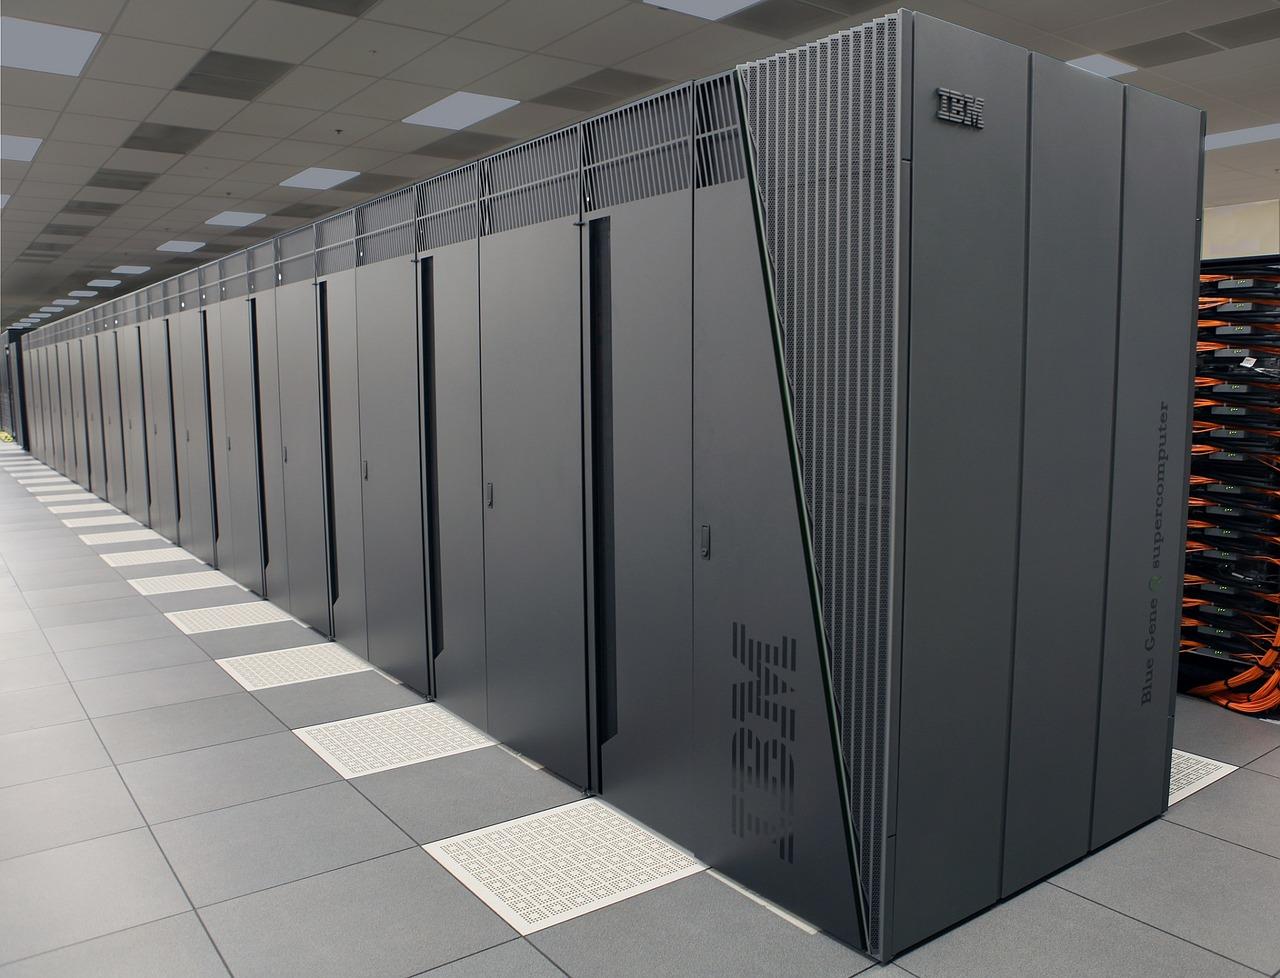 Obrázek: Superpočítače proti koronaviru: Jak technologie pomáhají proti pandemii